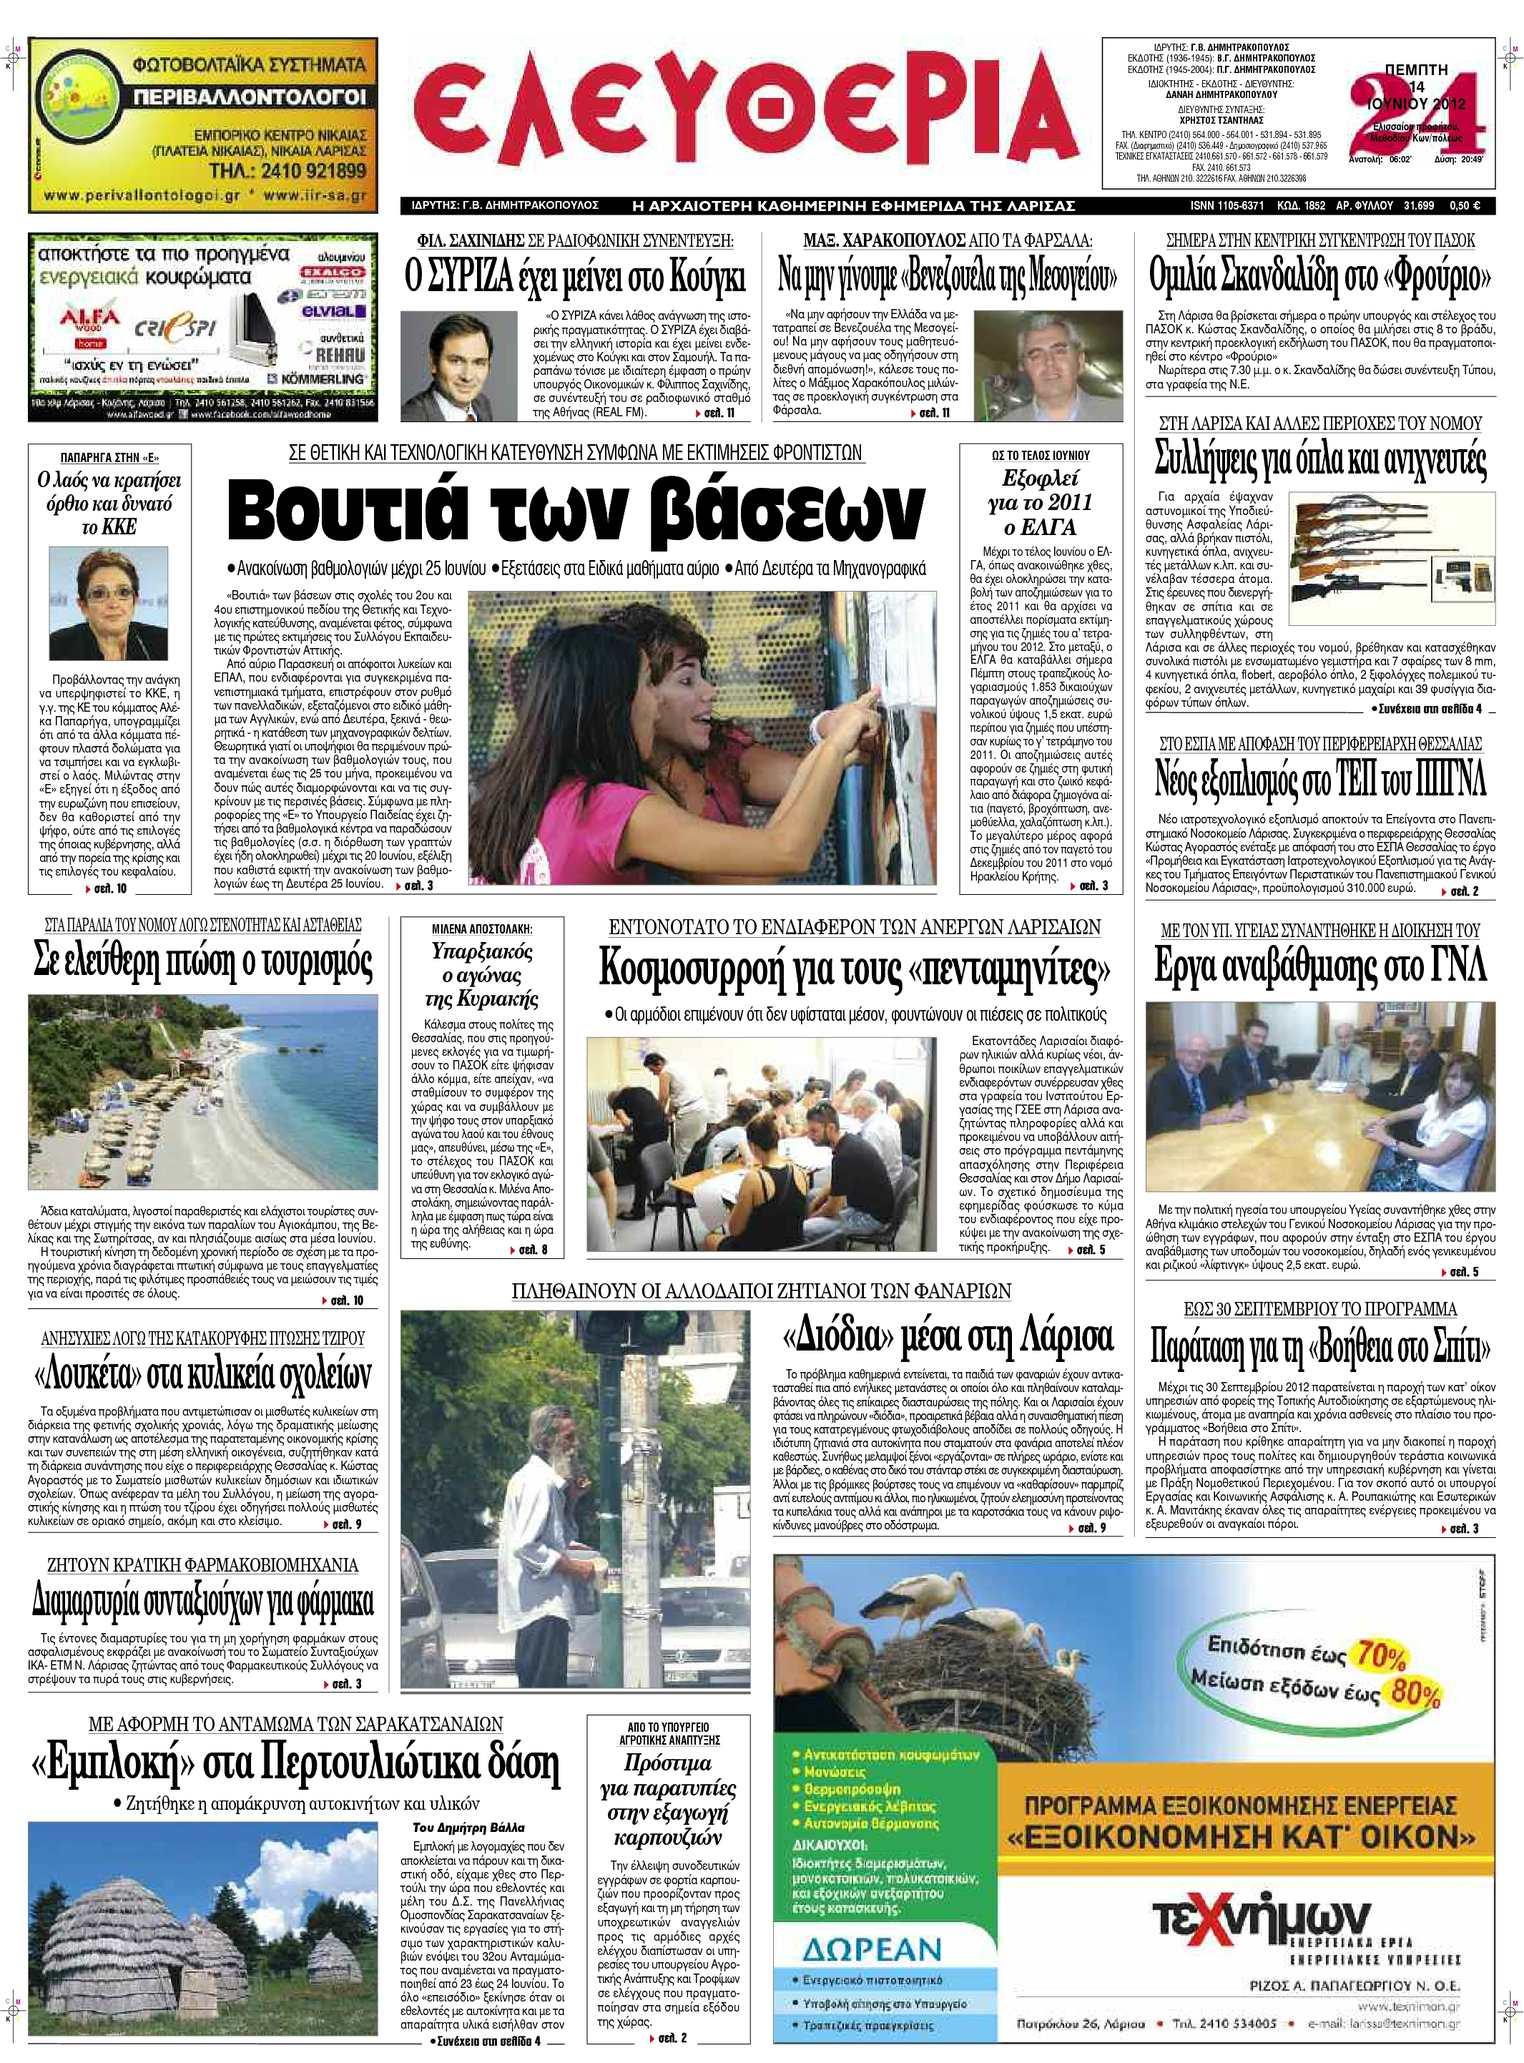 Ιστοσελίδες γνωριμιών σε Βρετάνη